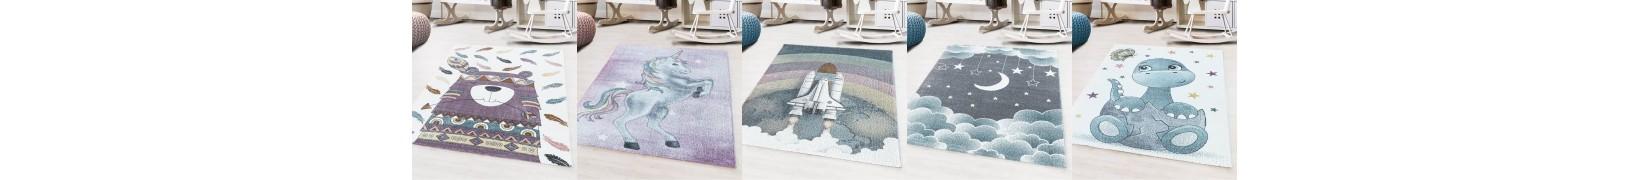 Dywany kolorowe dziecięce dla chłopca i dziewczynki.